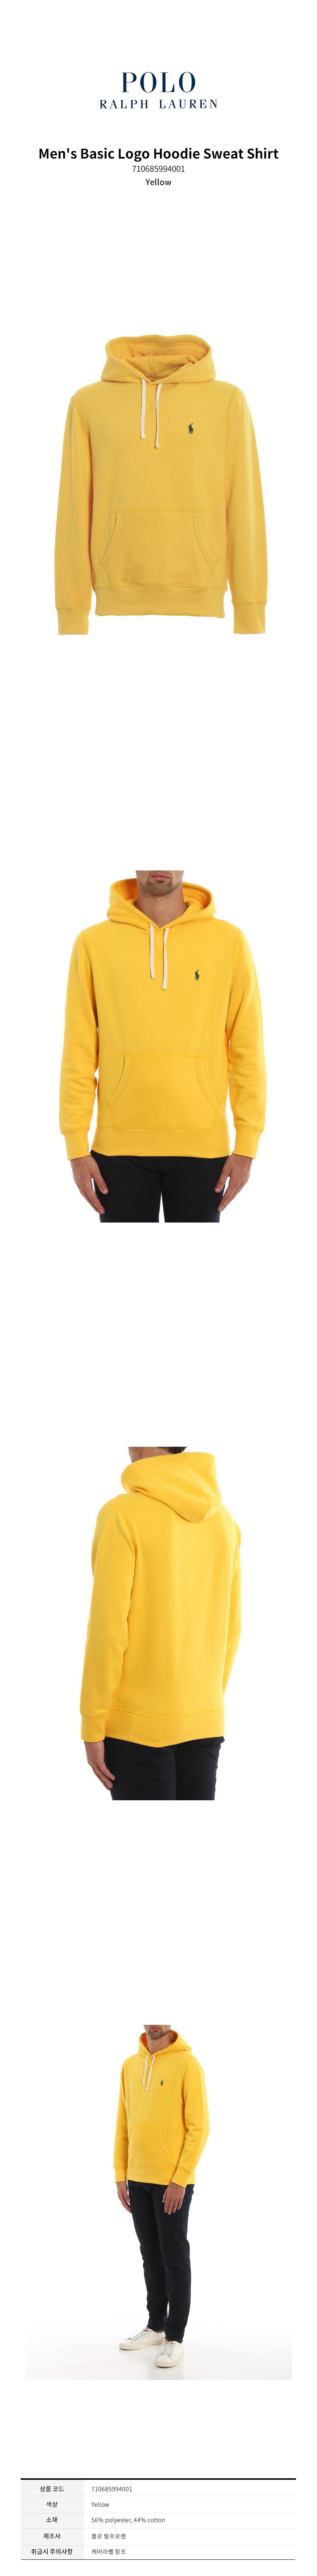 710685994001_yellow.jpg